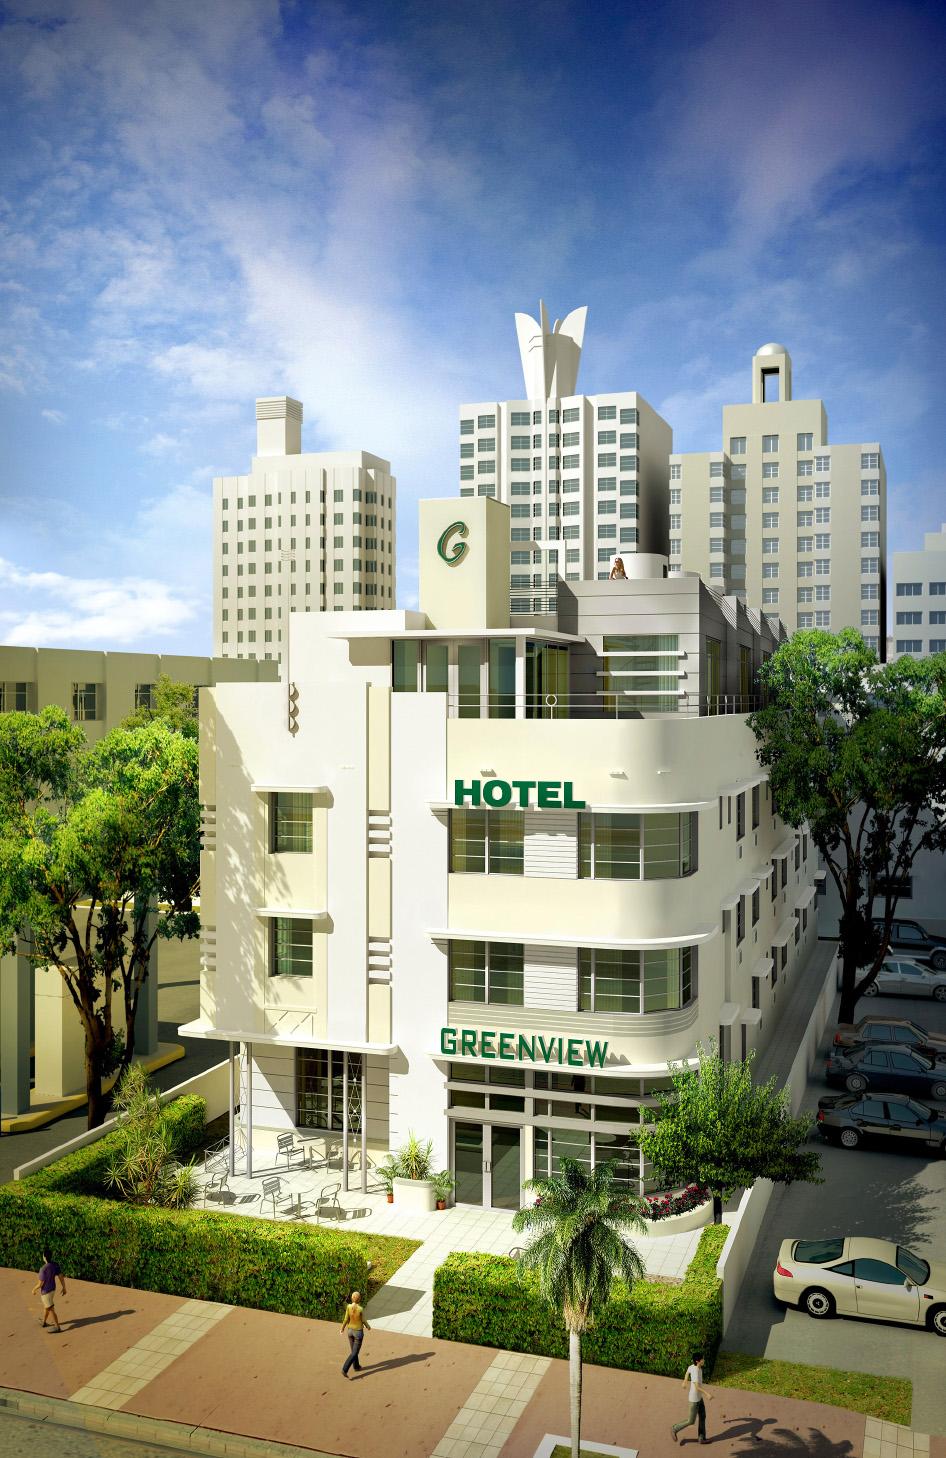 Greenview Hotel Rendering.jpg